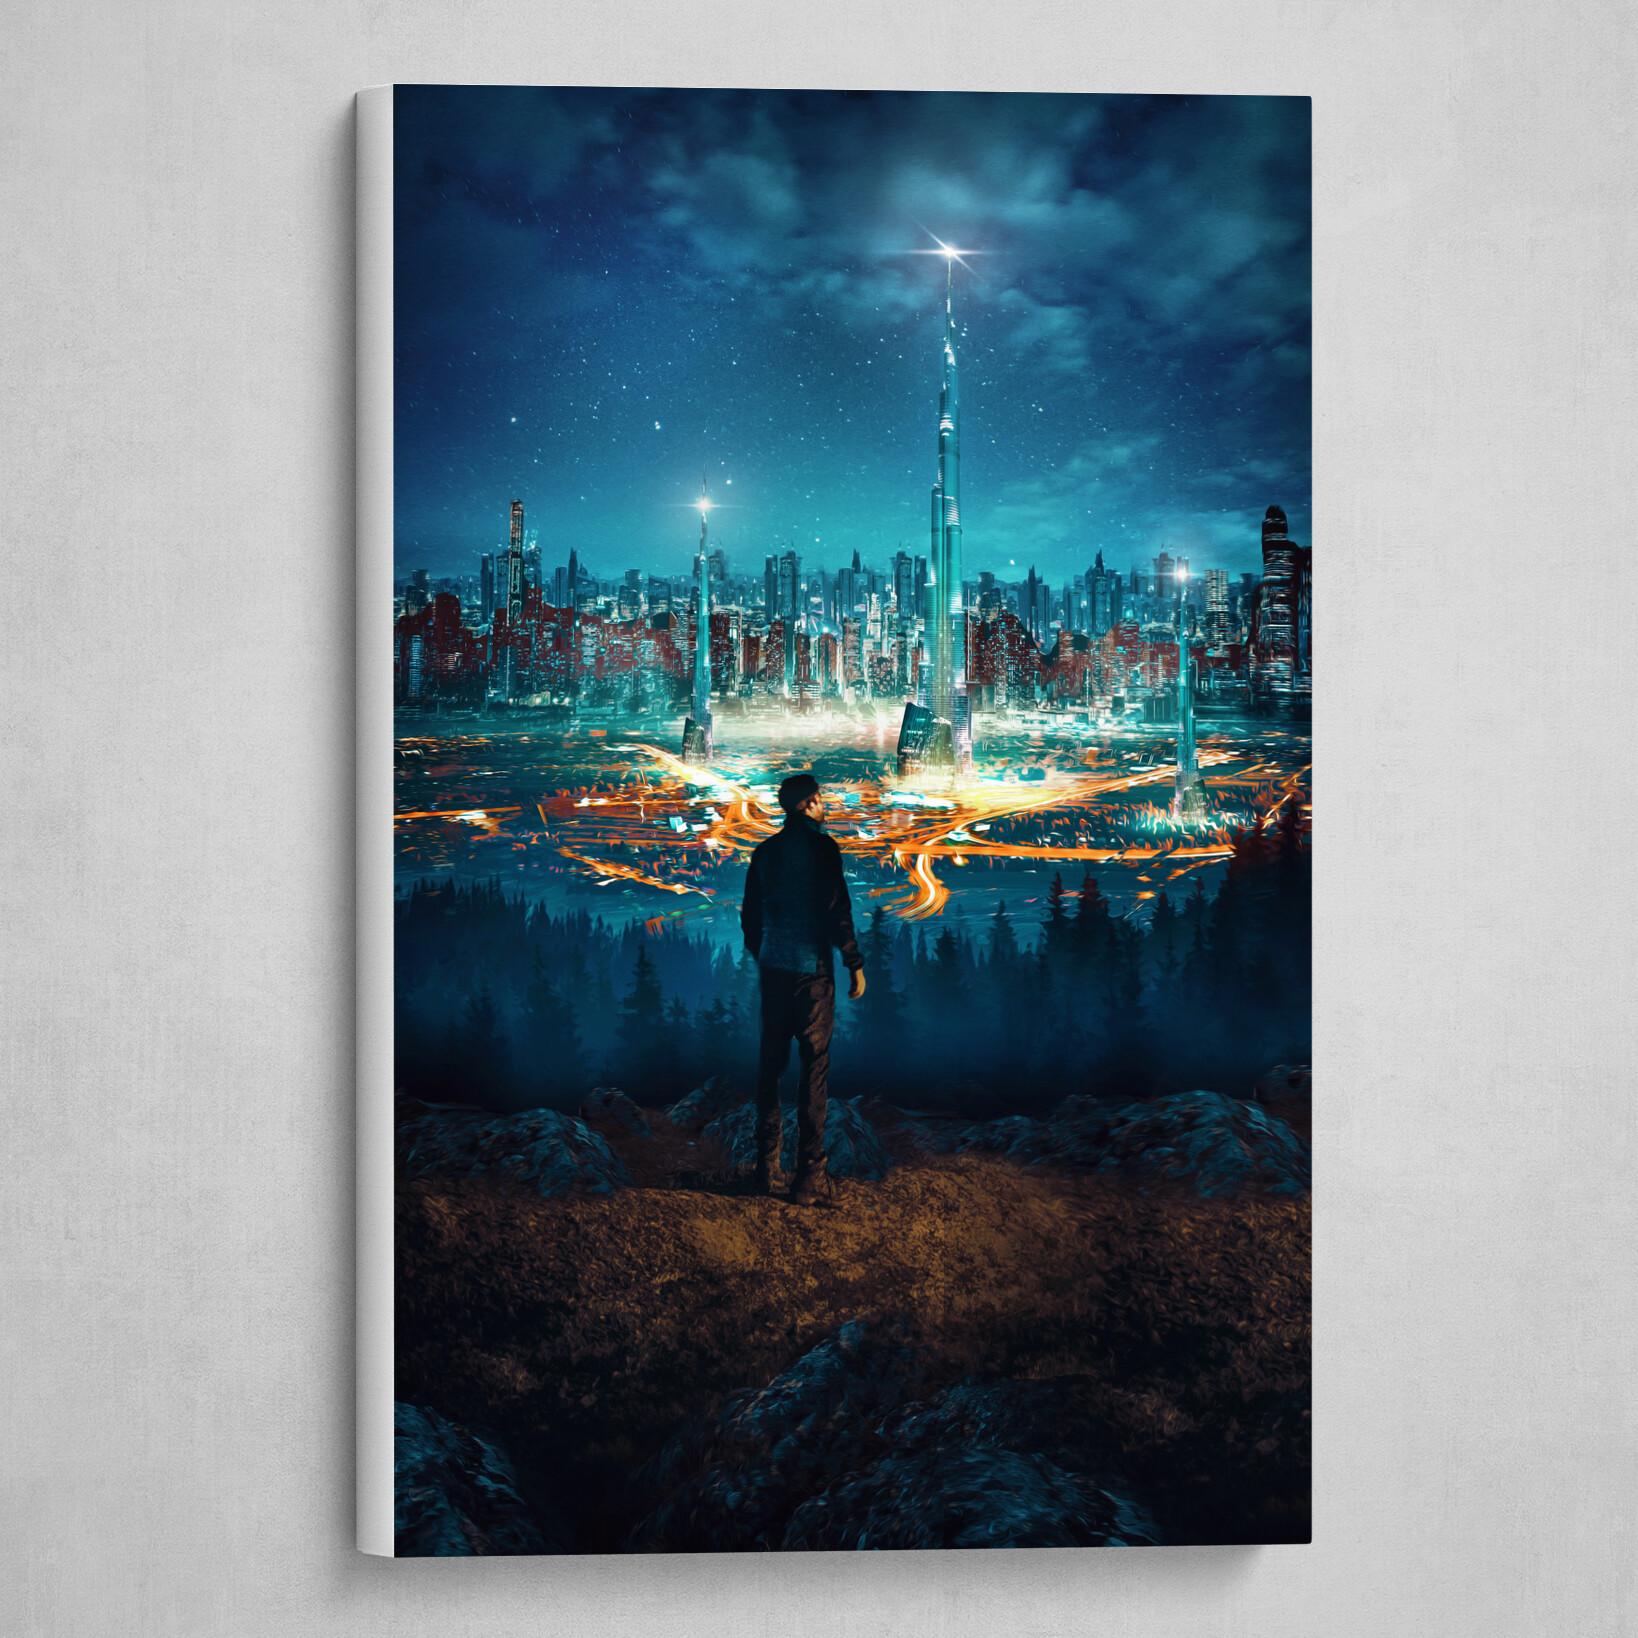 Sci-Fi City Overlook